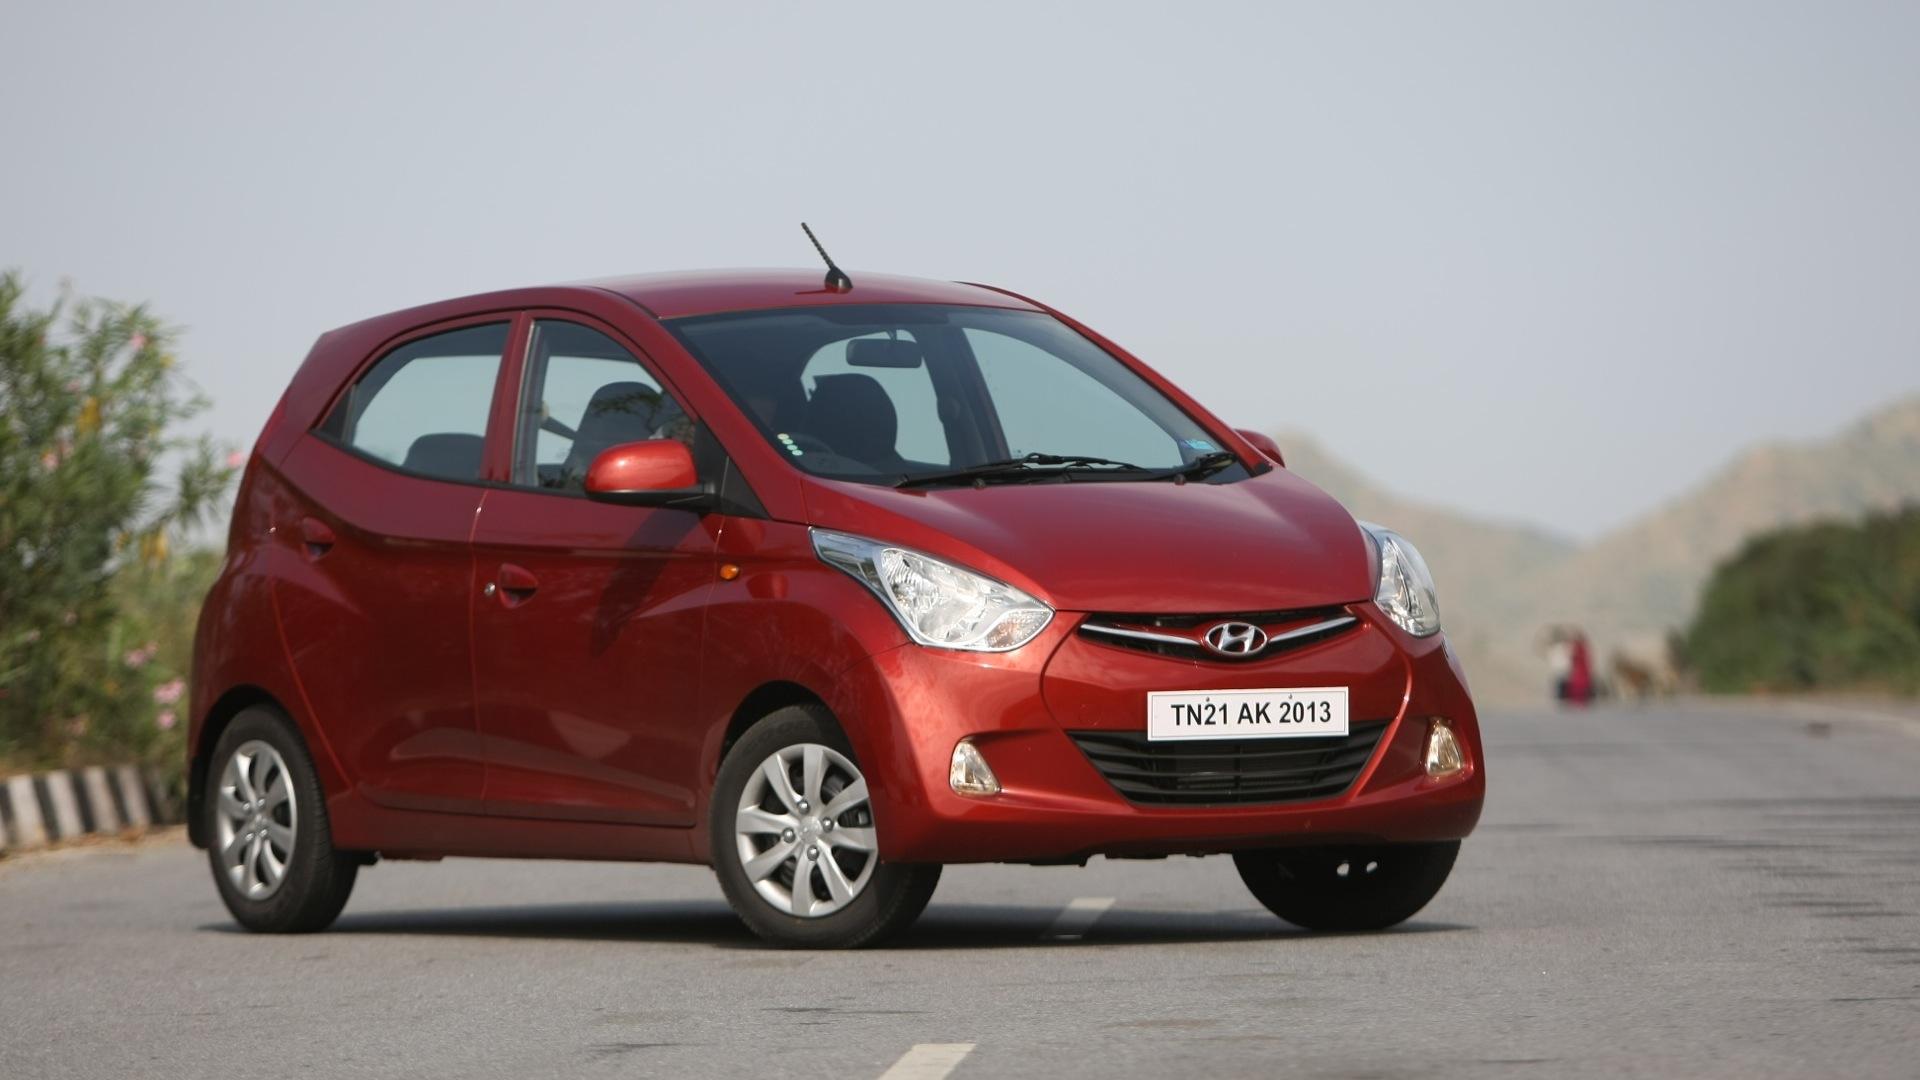 Hyundai Eon 2013 Sportz Compare Car Photos Overdrive